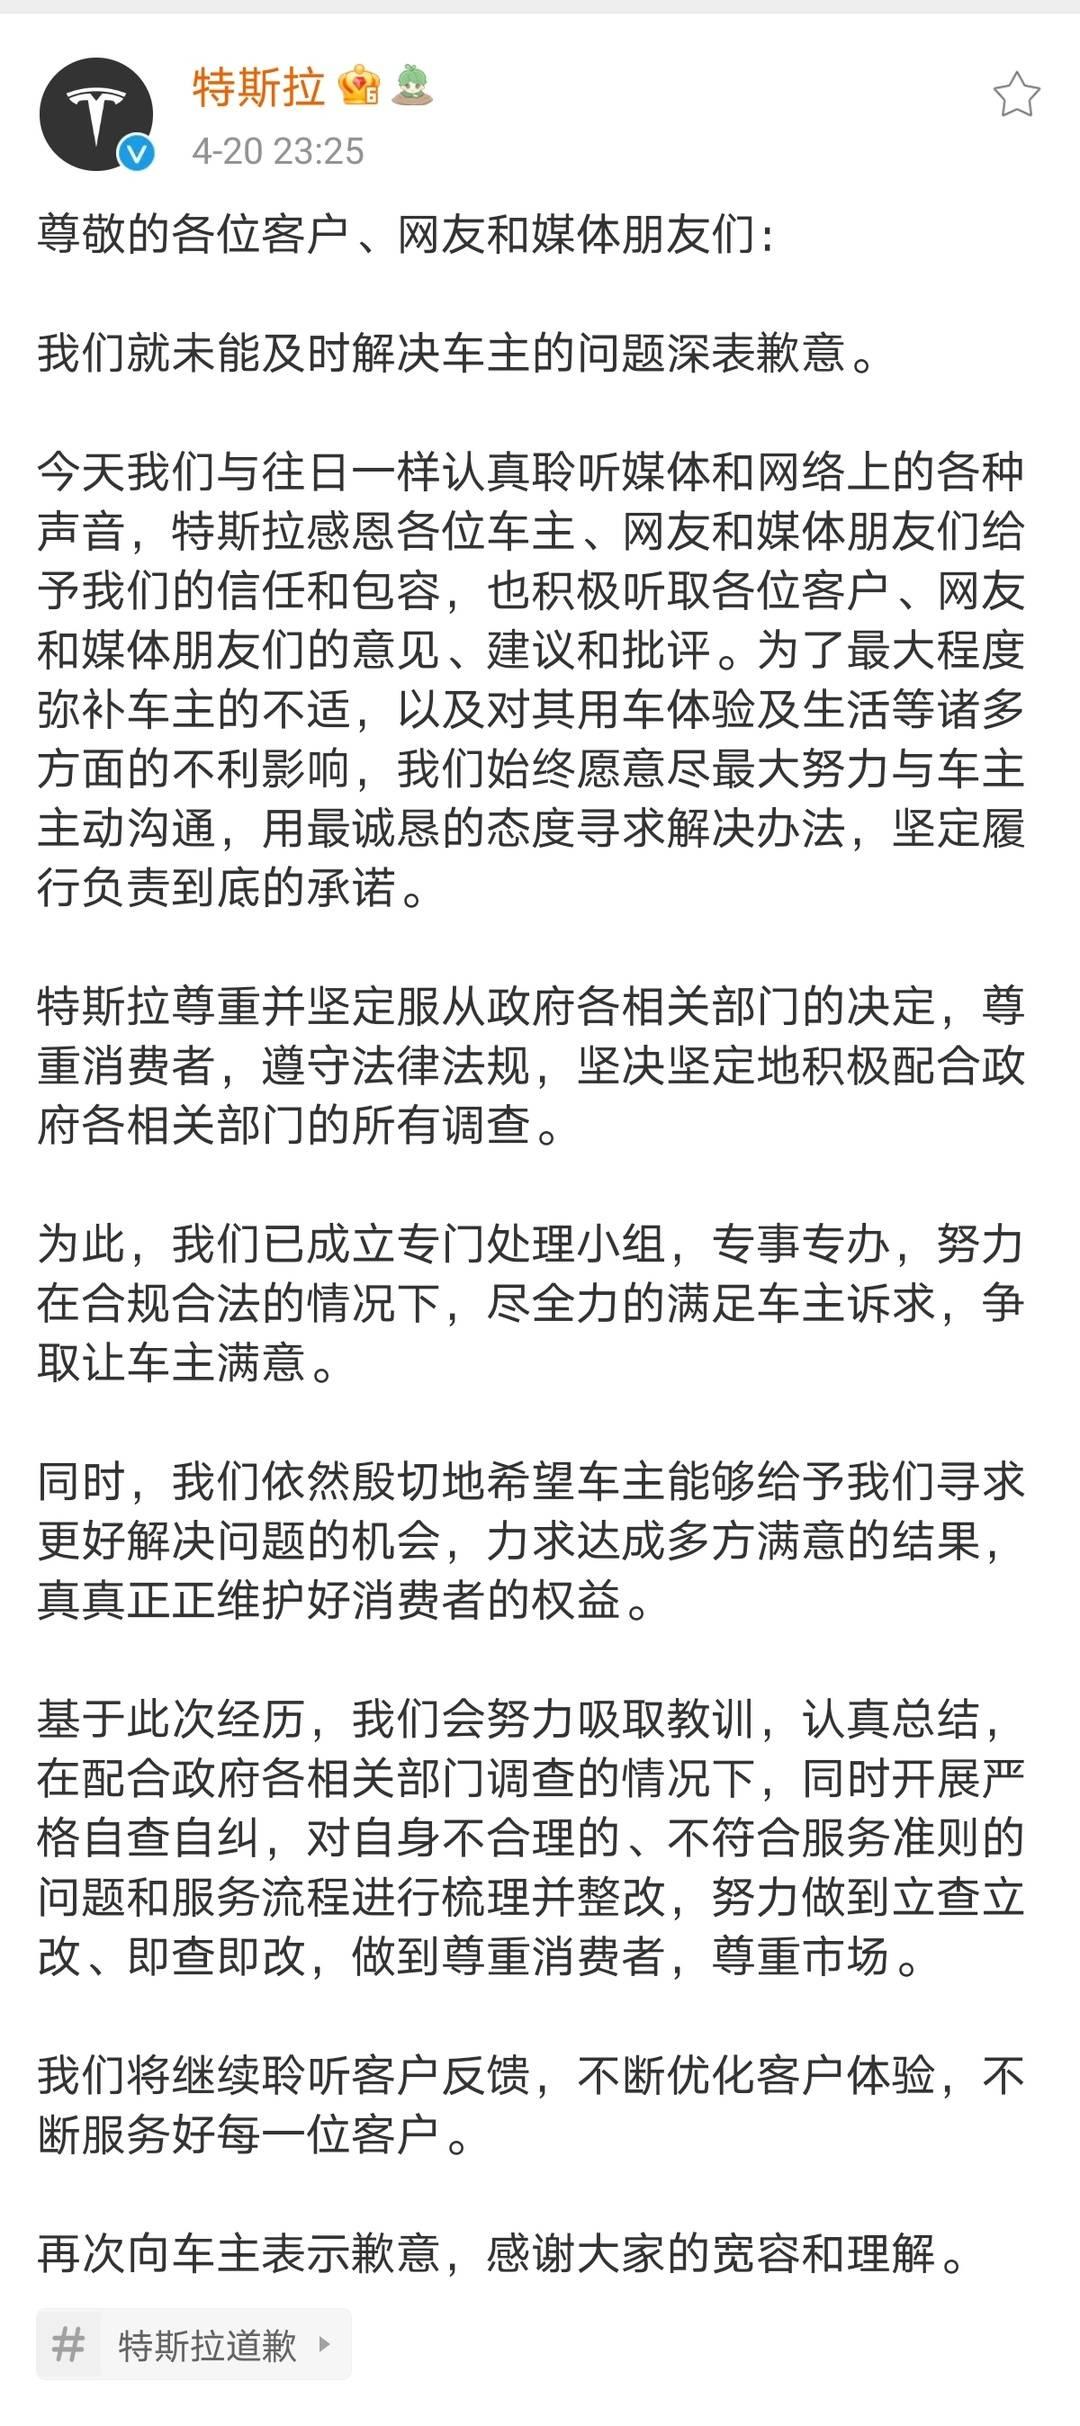 封面快讯|上海车展特斯拉维权车主李女士:未收到特斯拉的任何道歉联系!